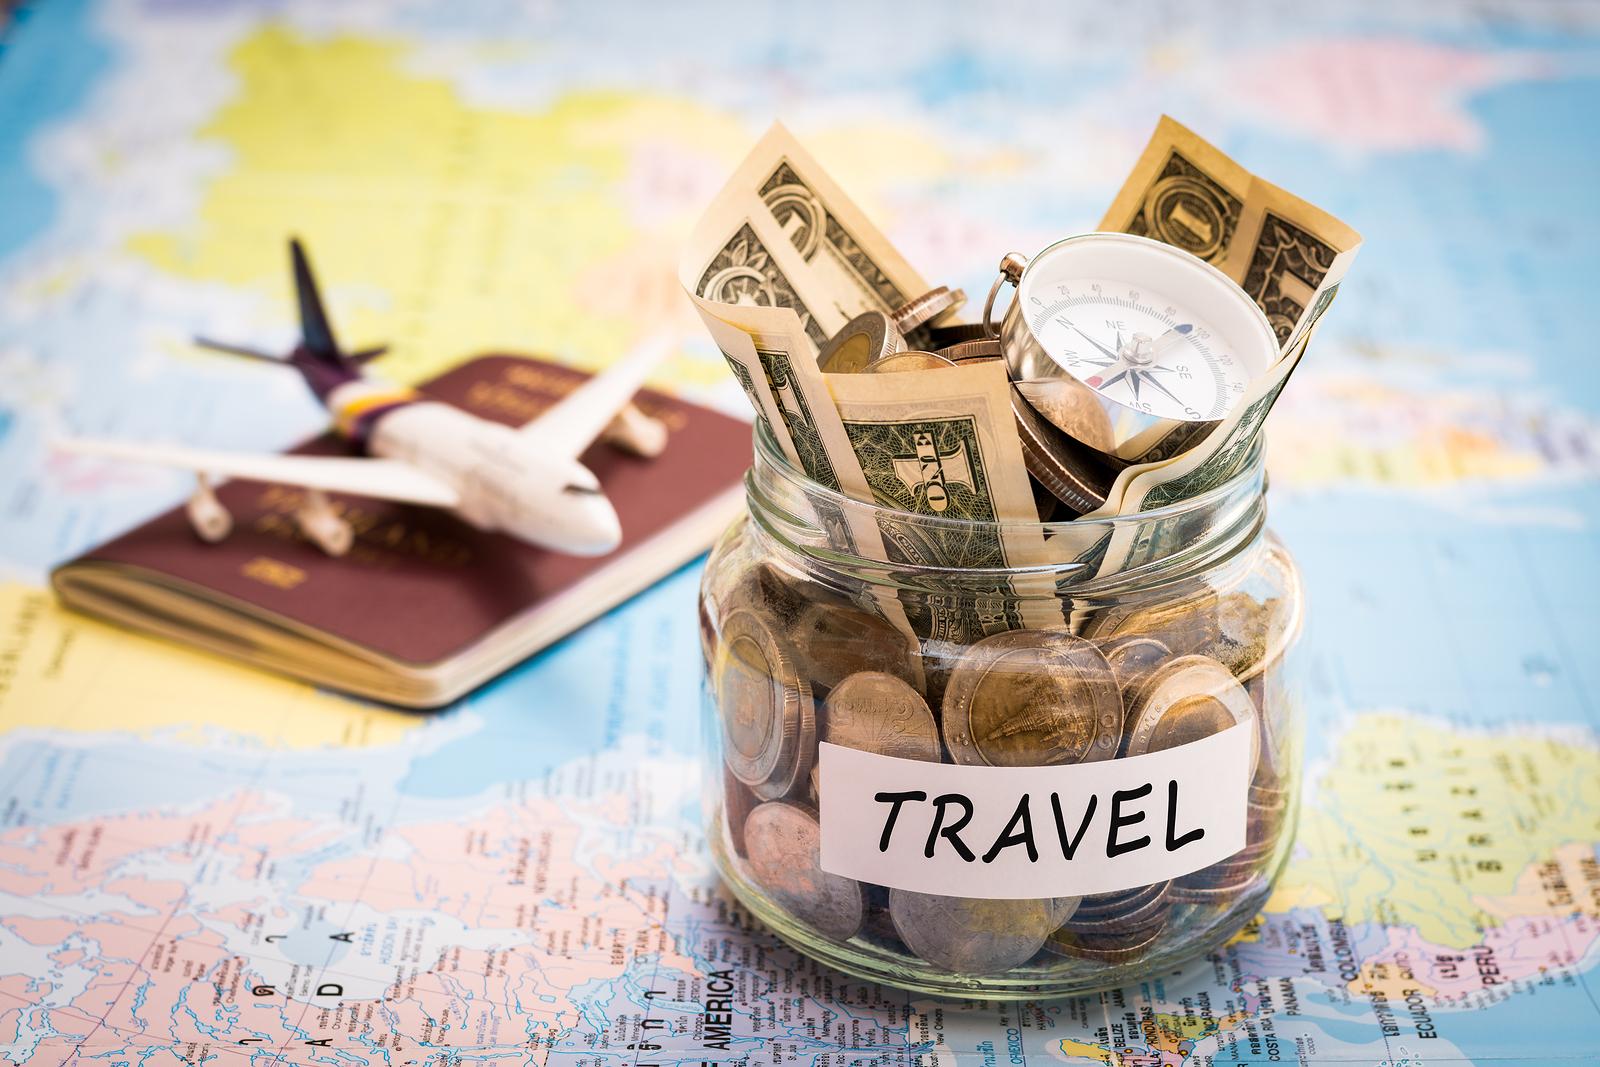 Βάζο με χρήματα για ταξίδια